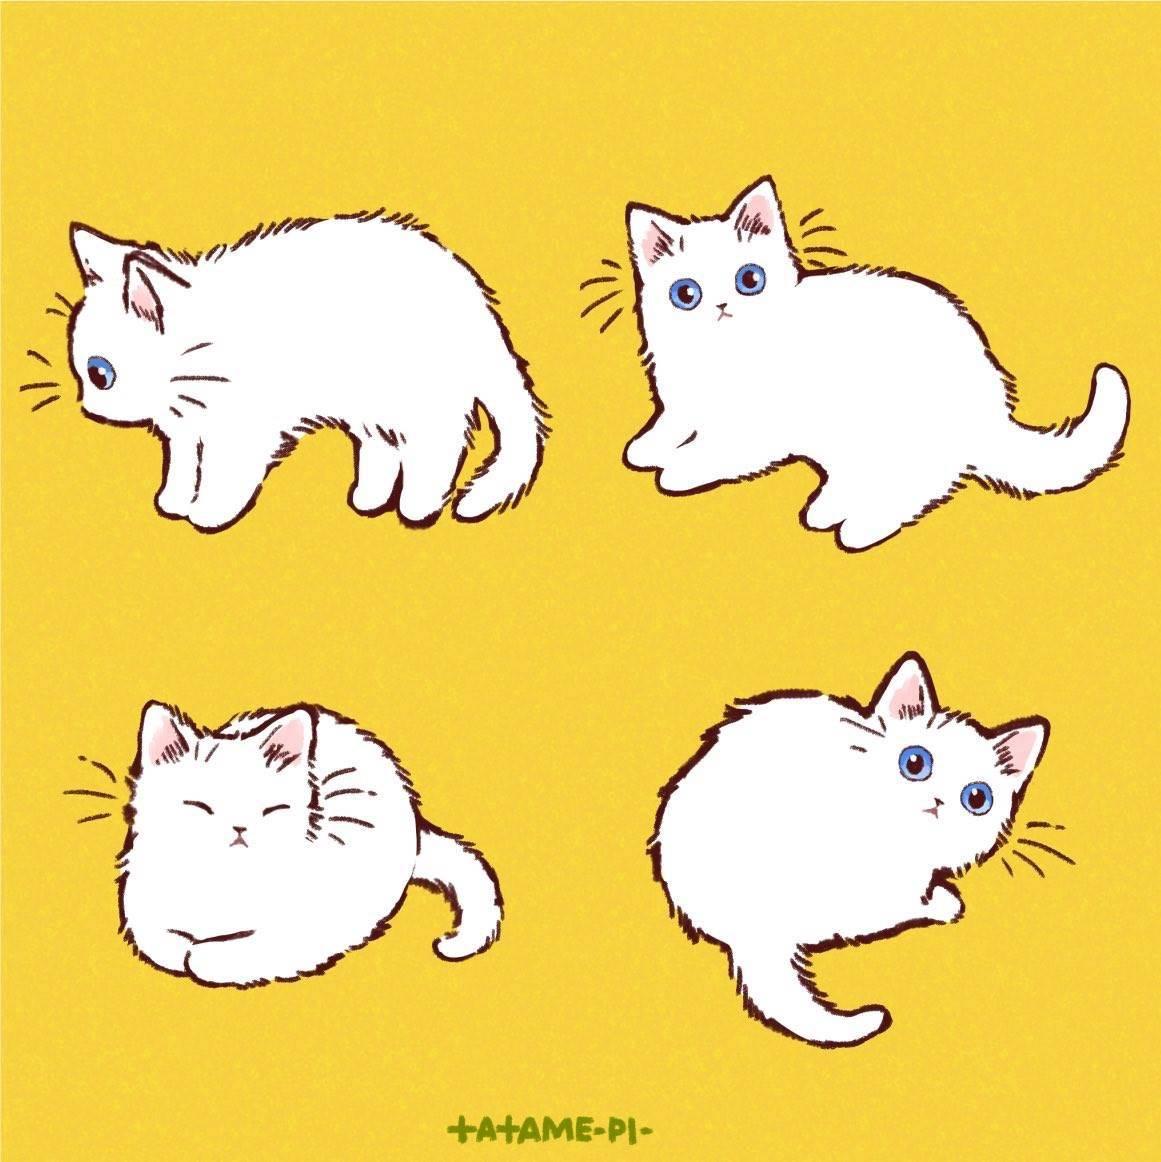 许多可爱的猫咪简笔画作者 たたメーピー